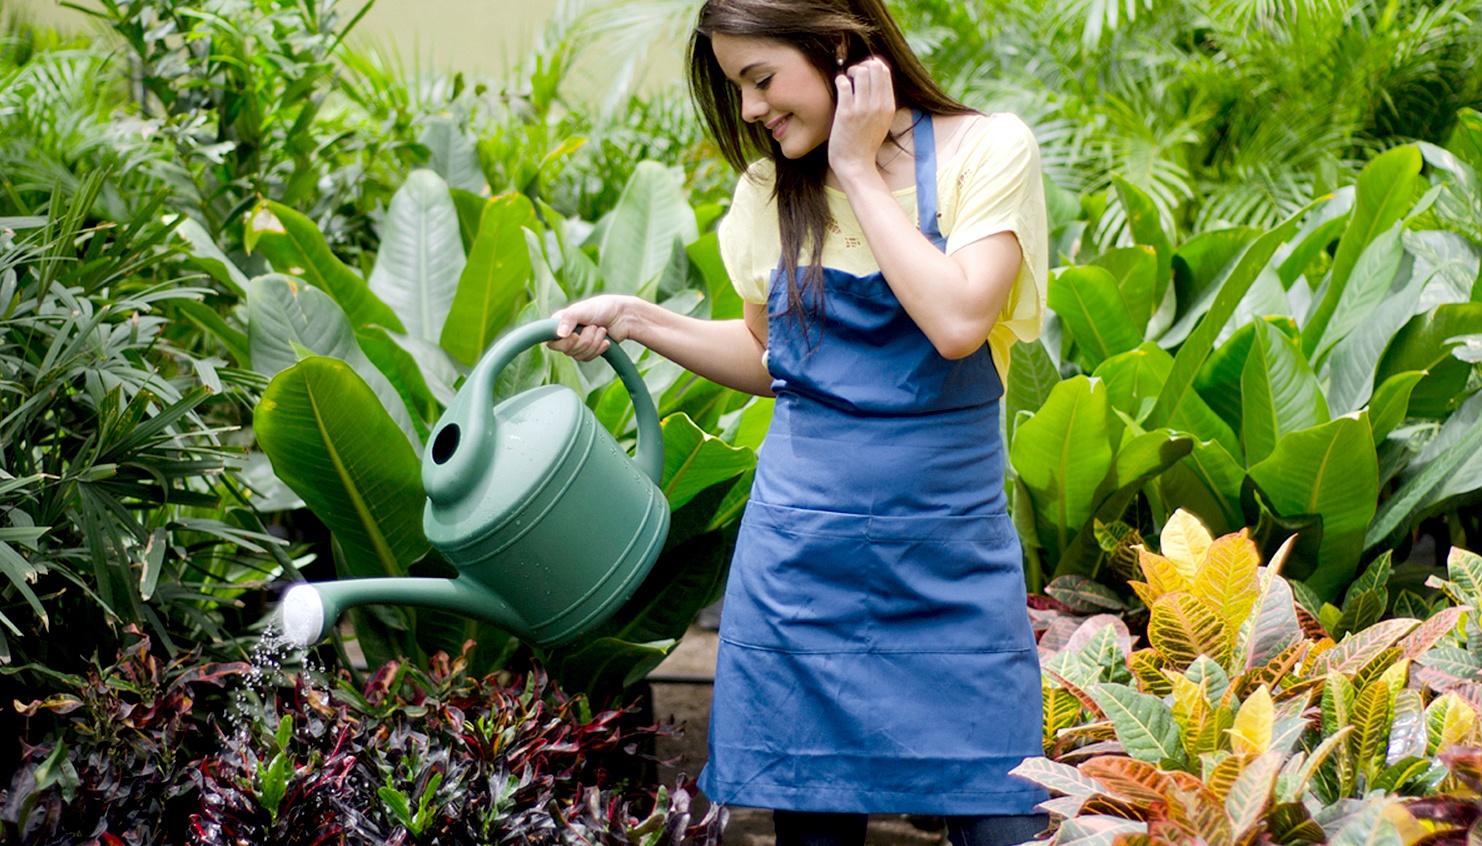 Estilo de vida sustentable consejos para tener un jard n Como tener un lindo jardin